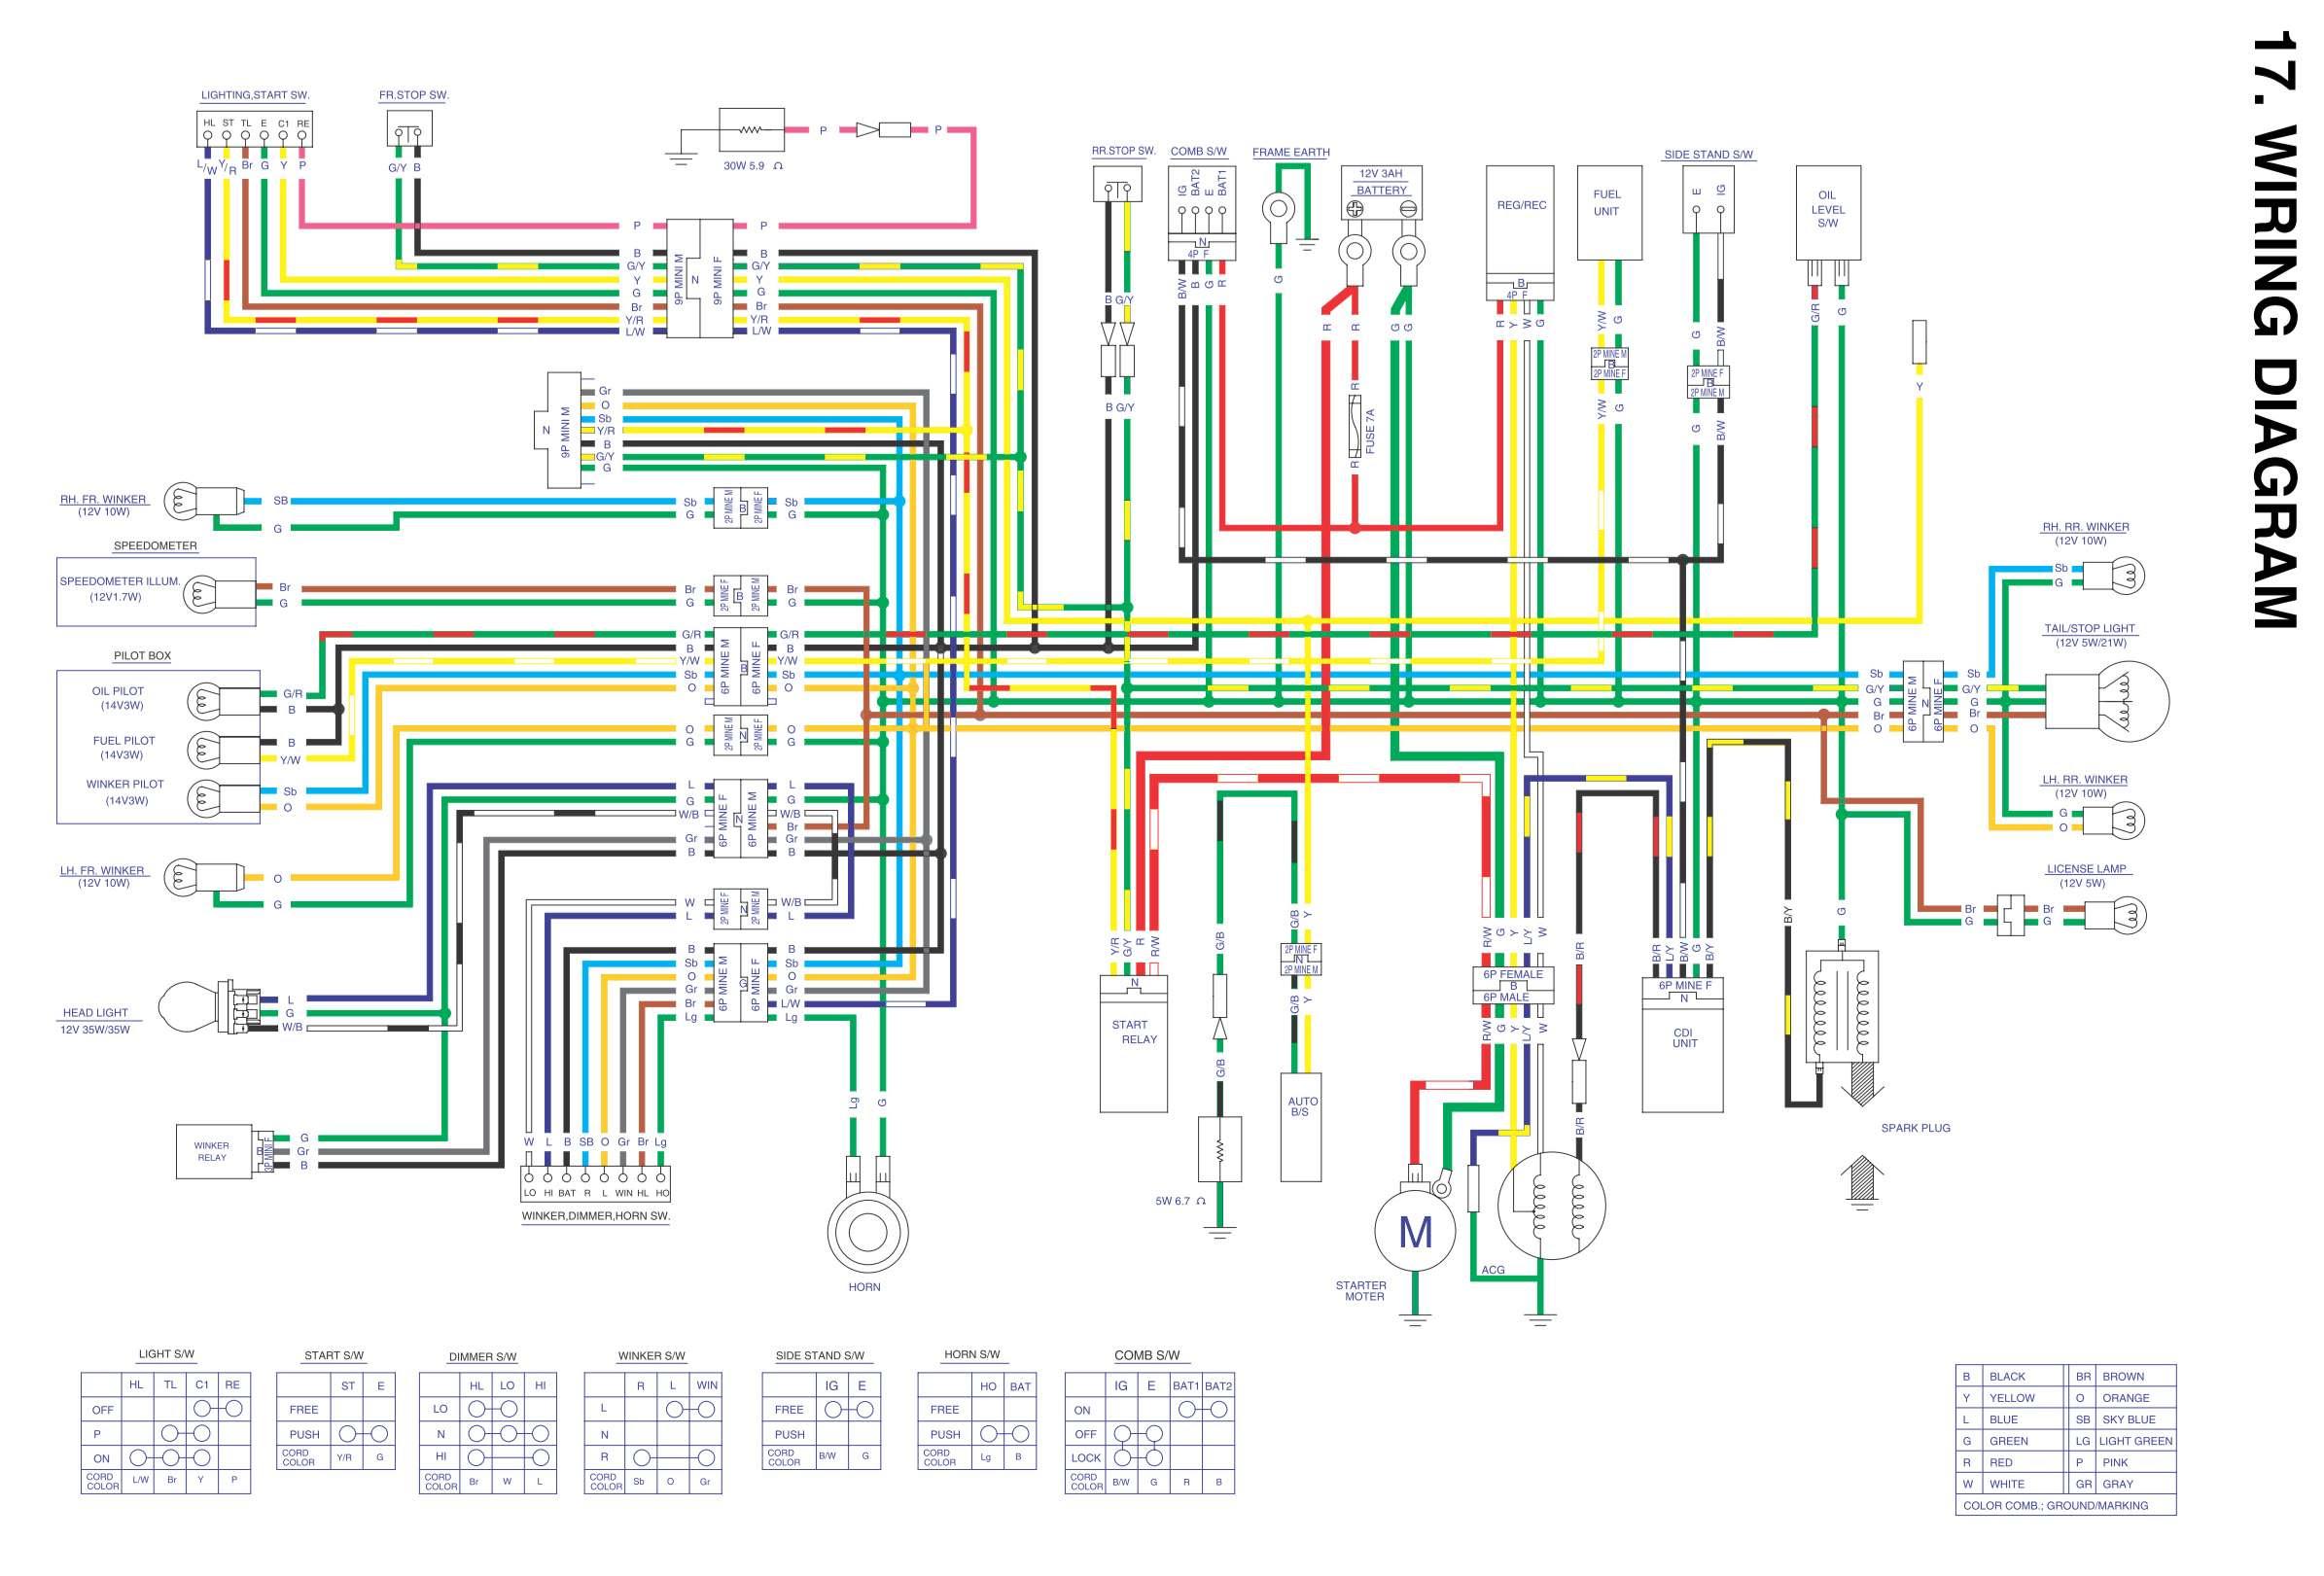 Download Diagram Jerr Dan Wiring Diagrams Full Hd Botdiagrams Bruxelles Enscene Be